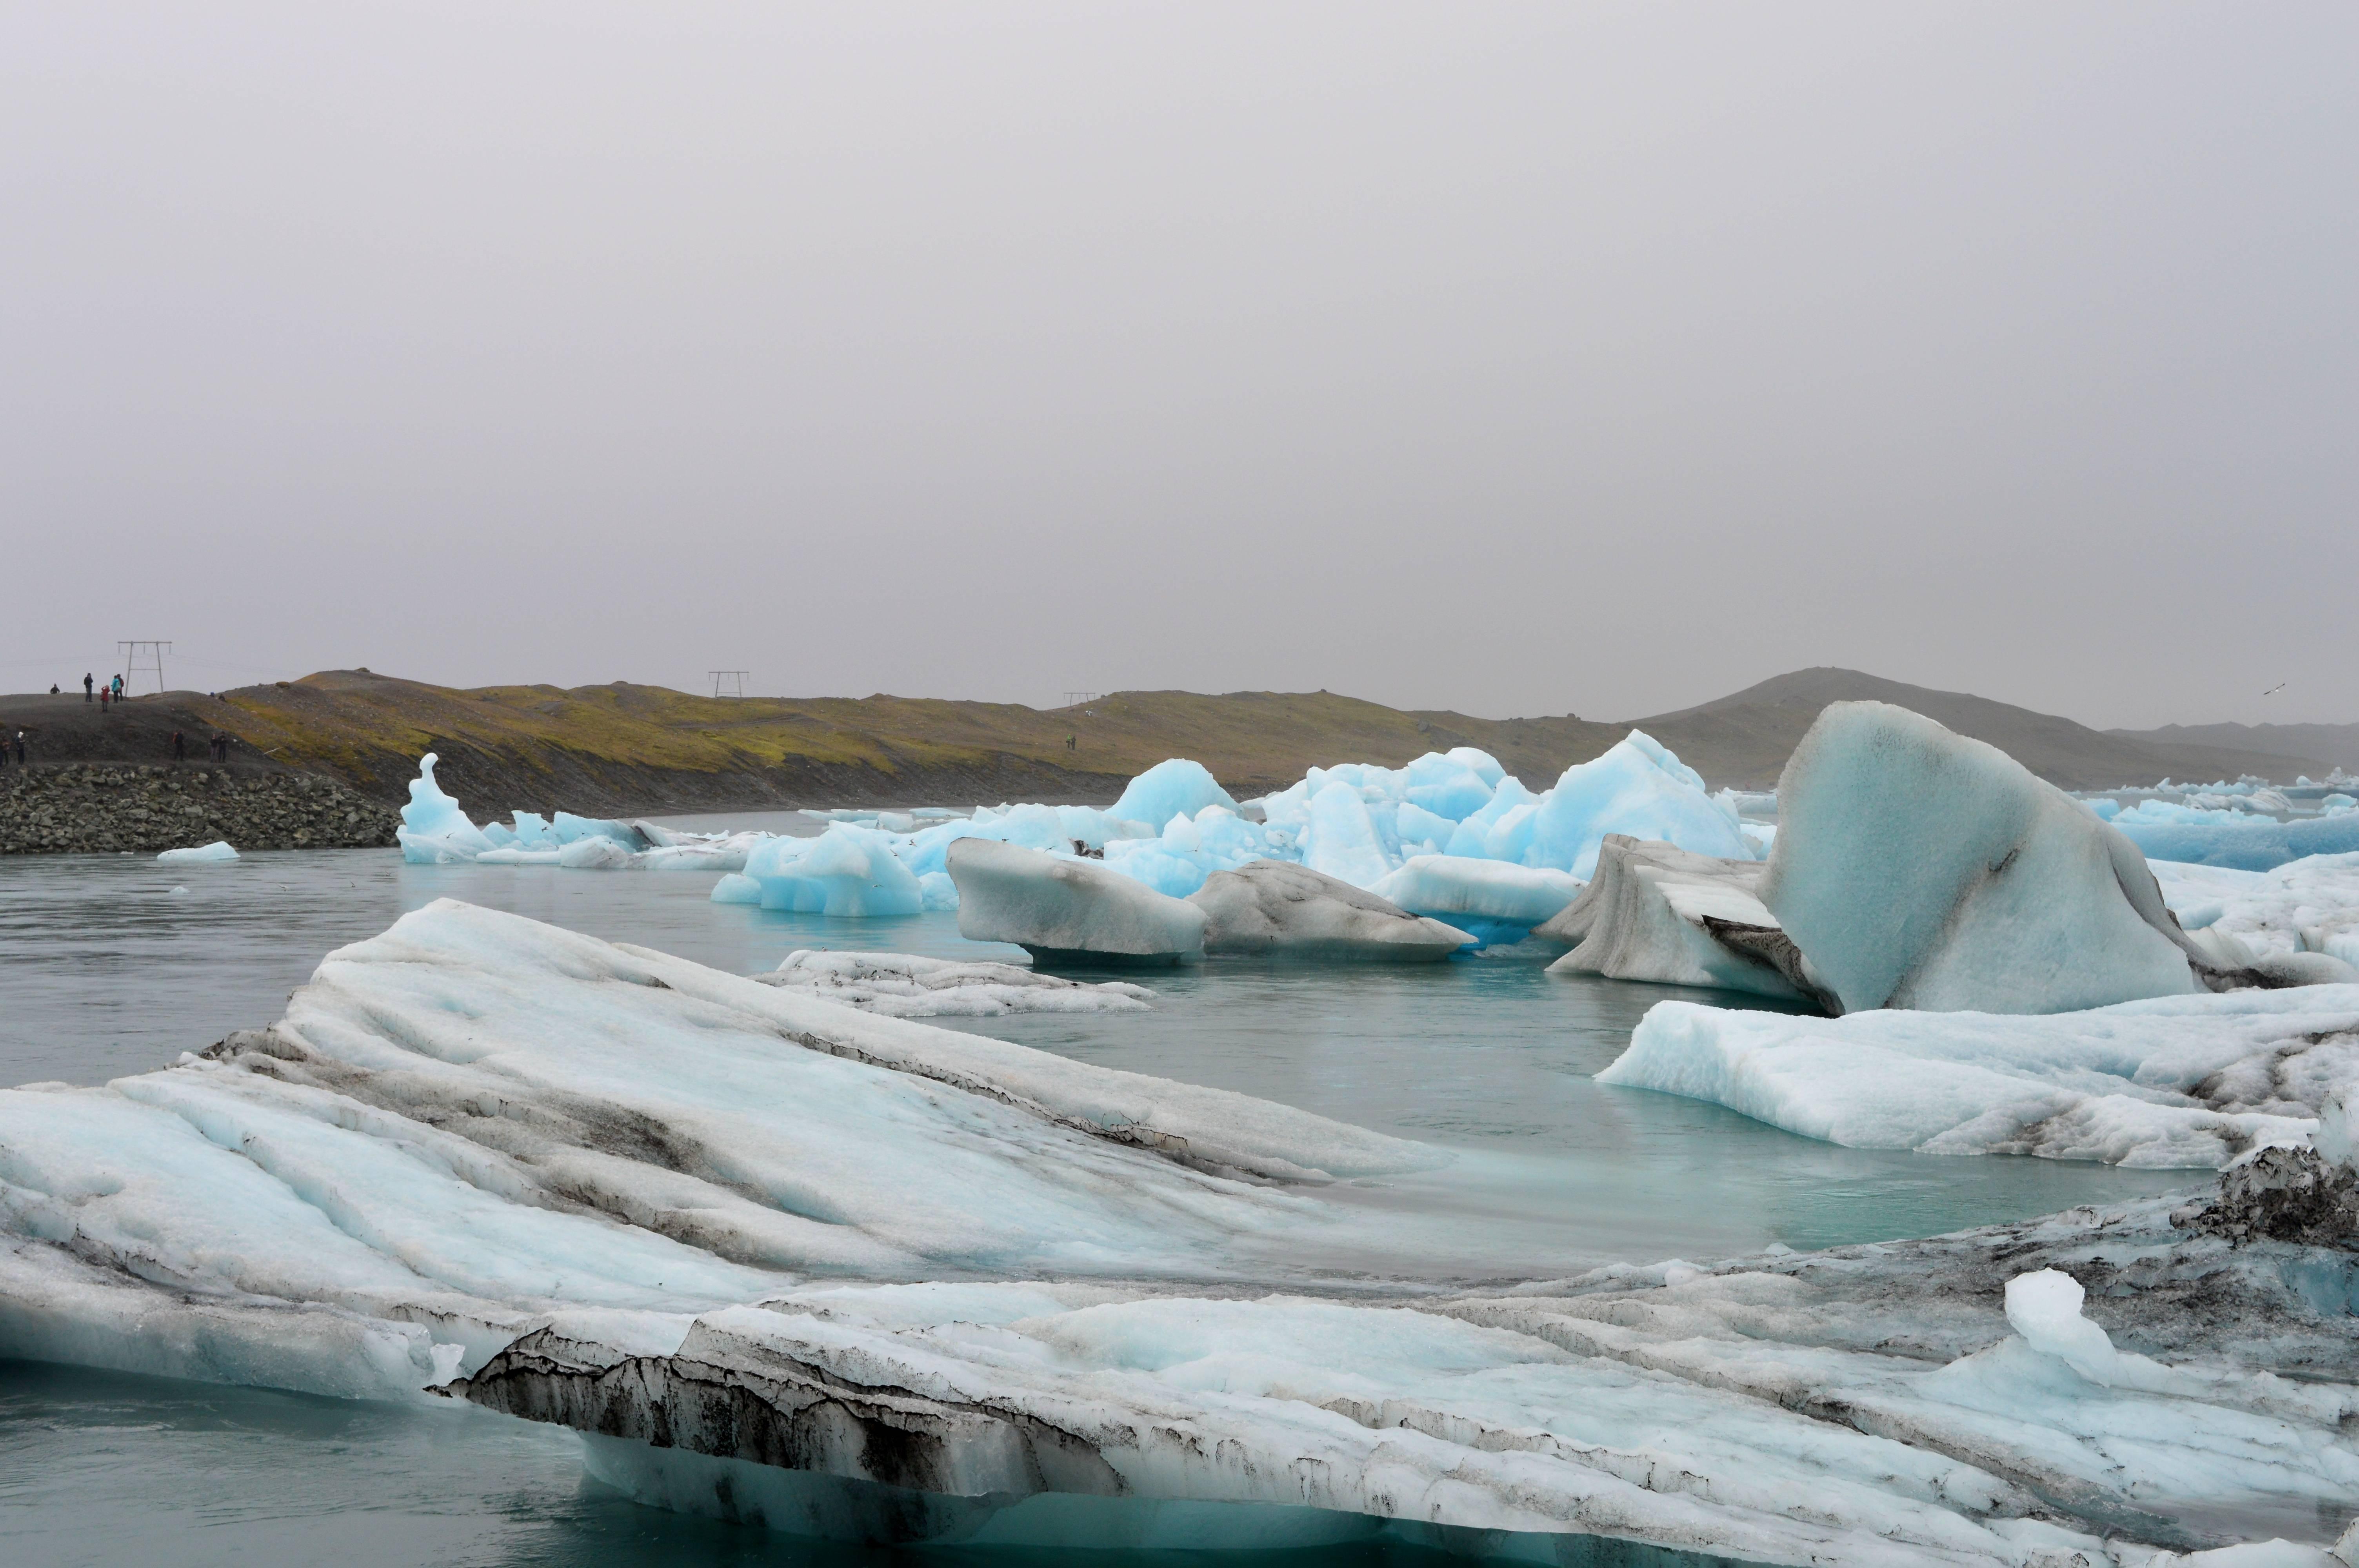 Photo 2: Le lac aux icebergs en Islande